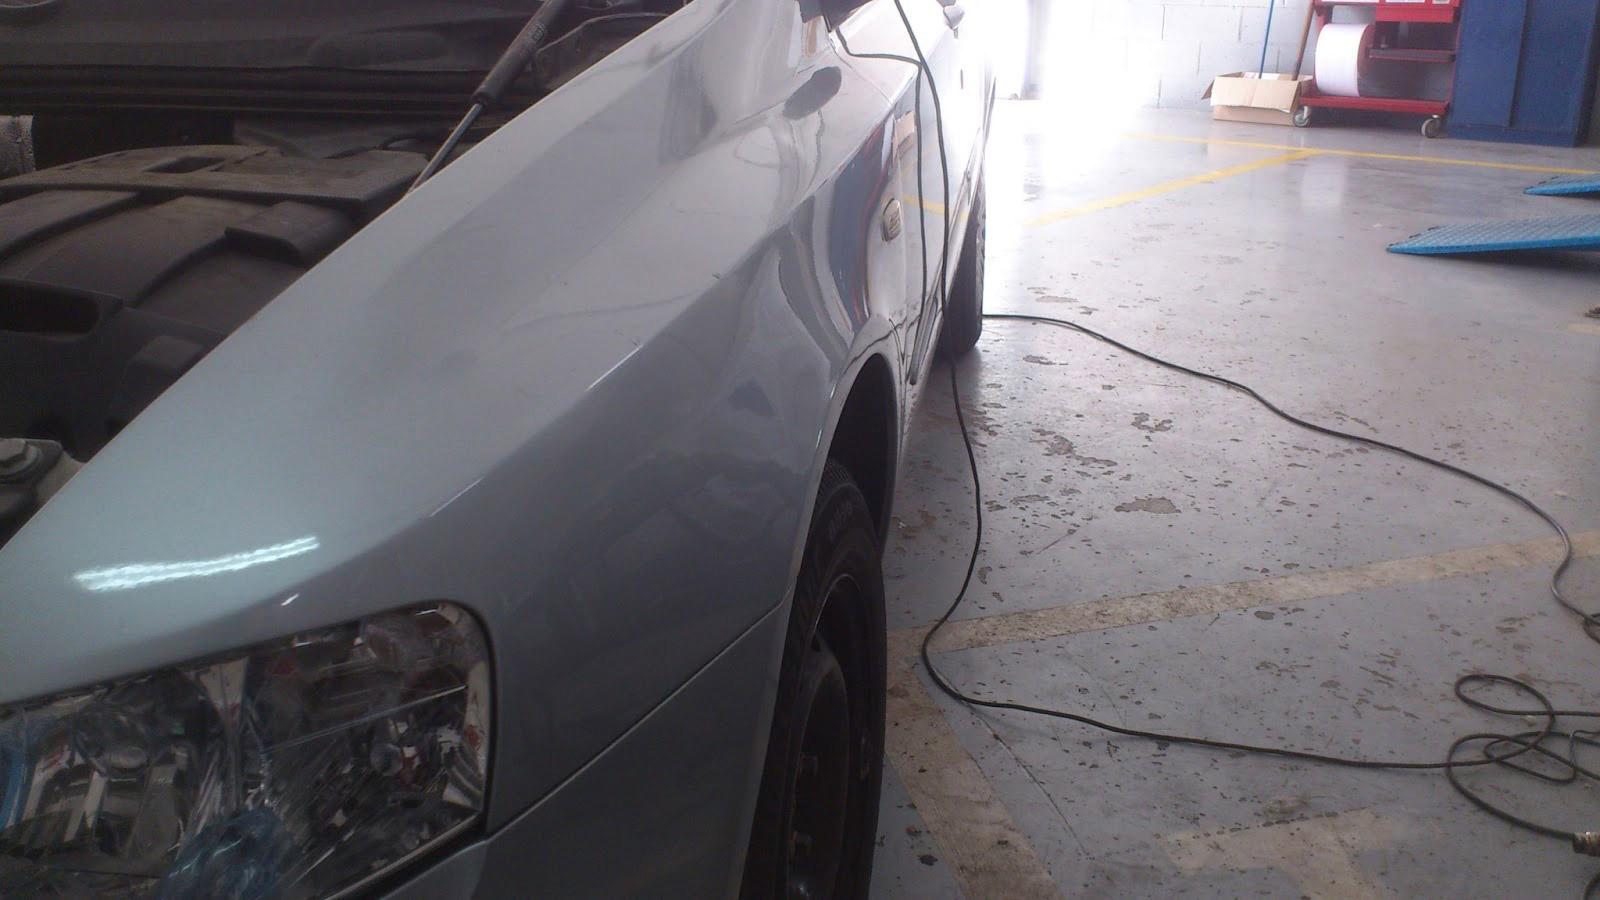 Ejemplos de cómo es posible sacar golpes en coches sin necesidad de pintar